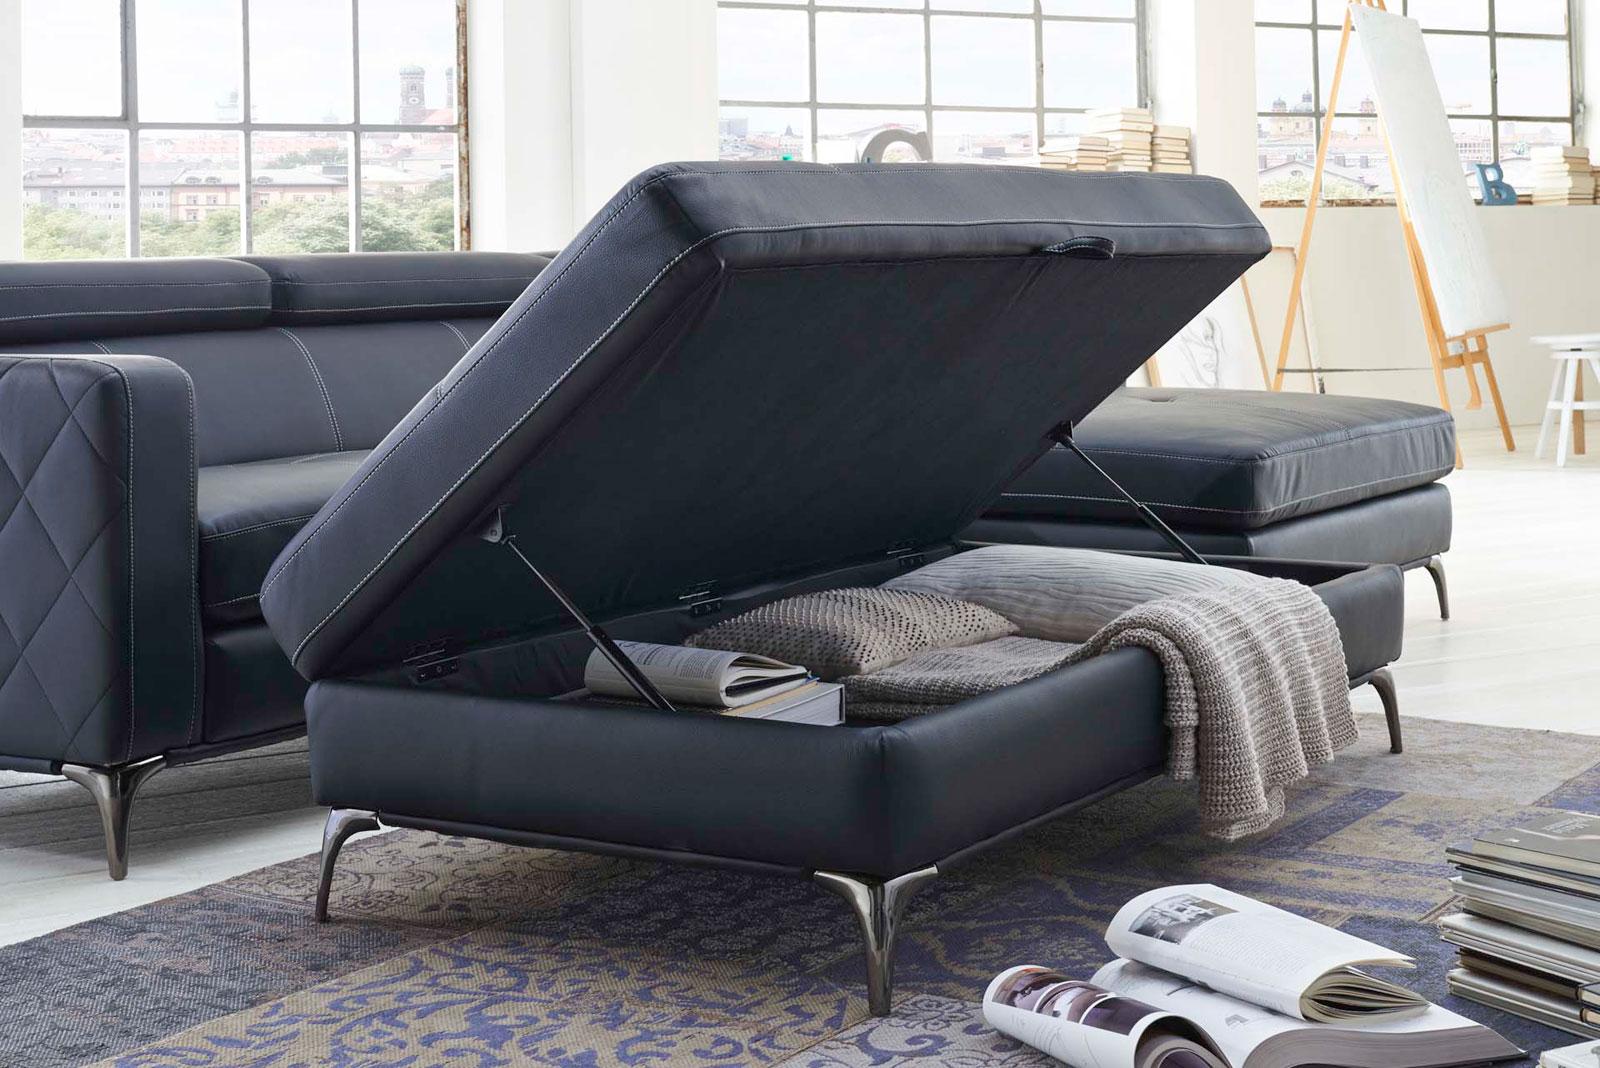 Sitzhocker mit stauraum die multifunktional und modern sind